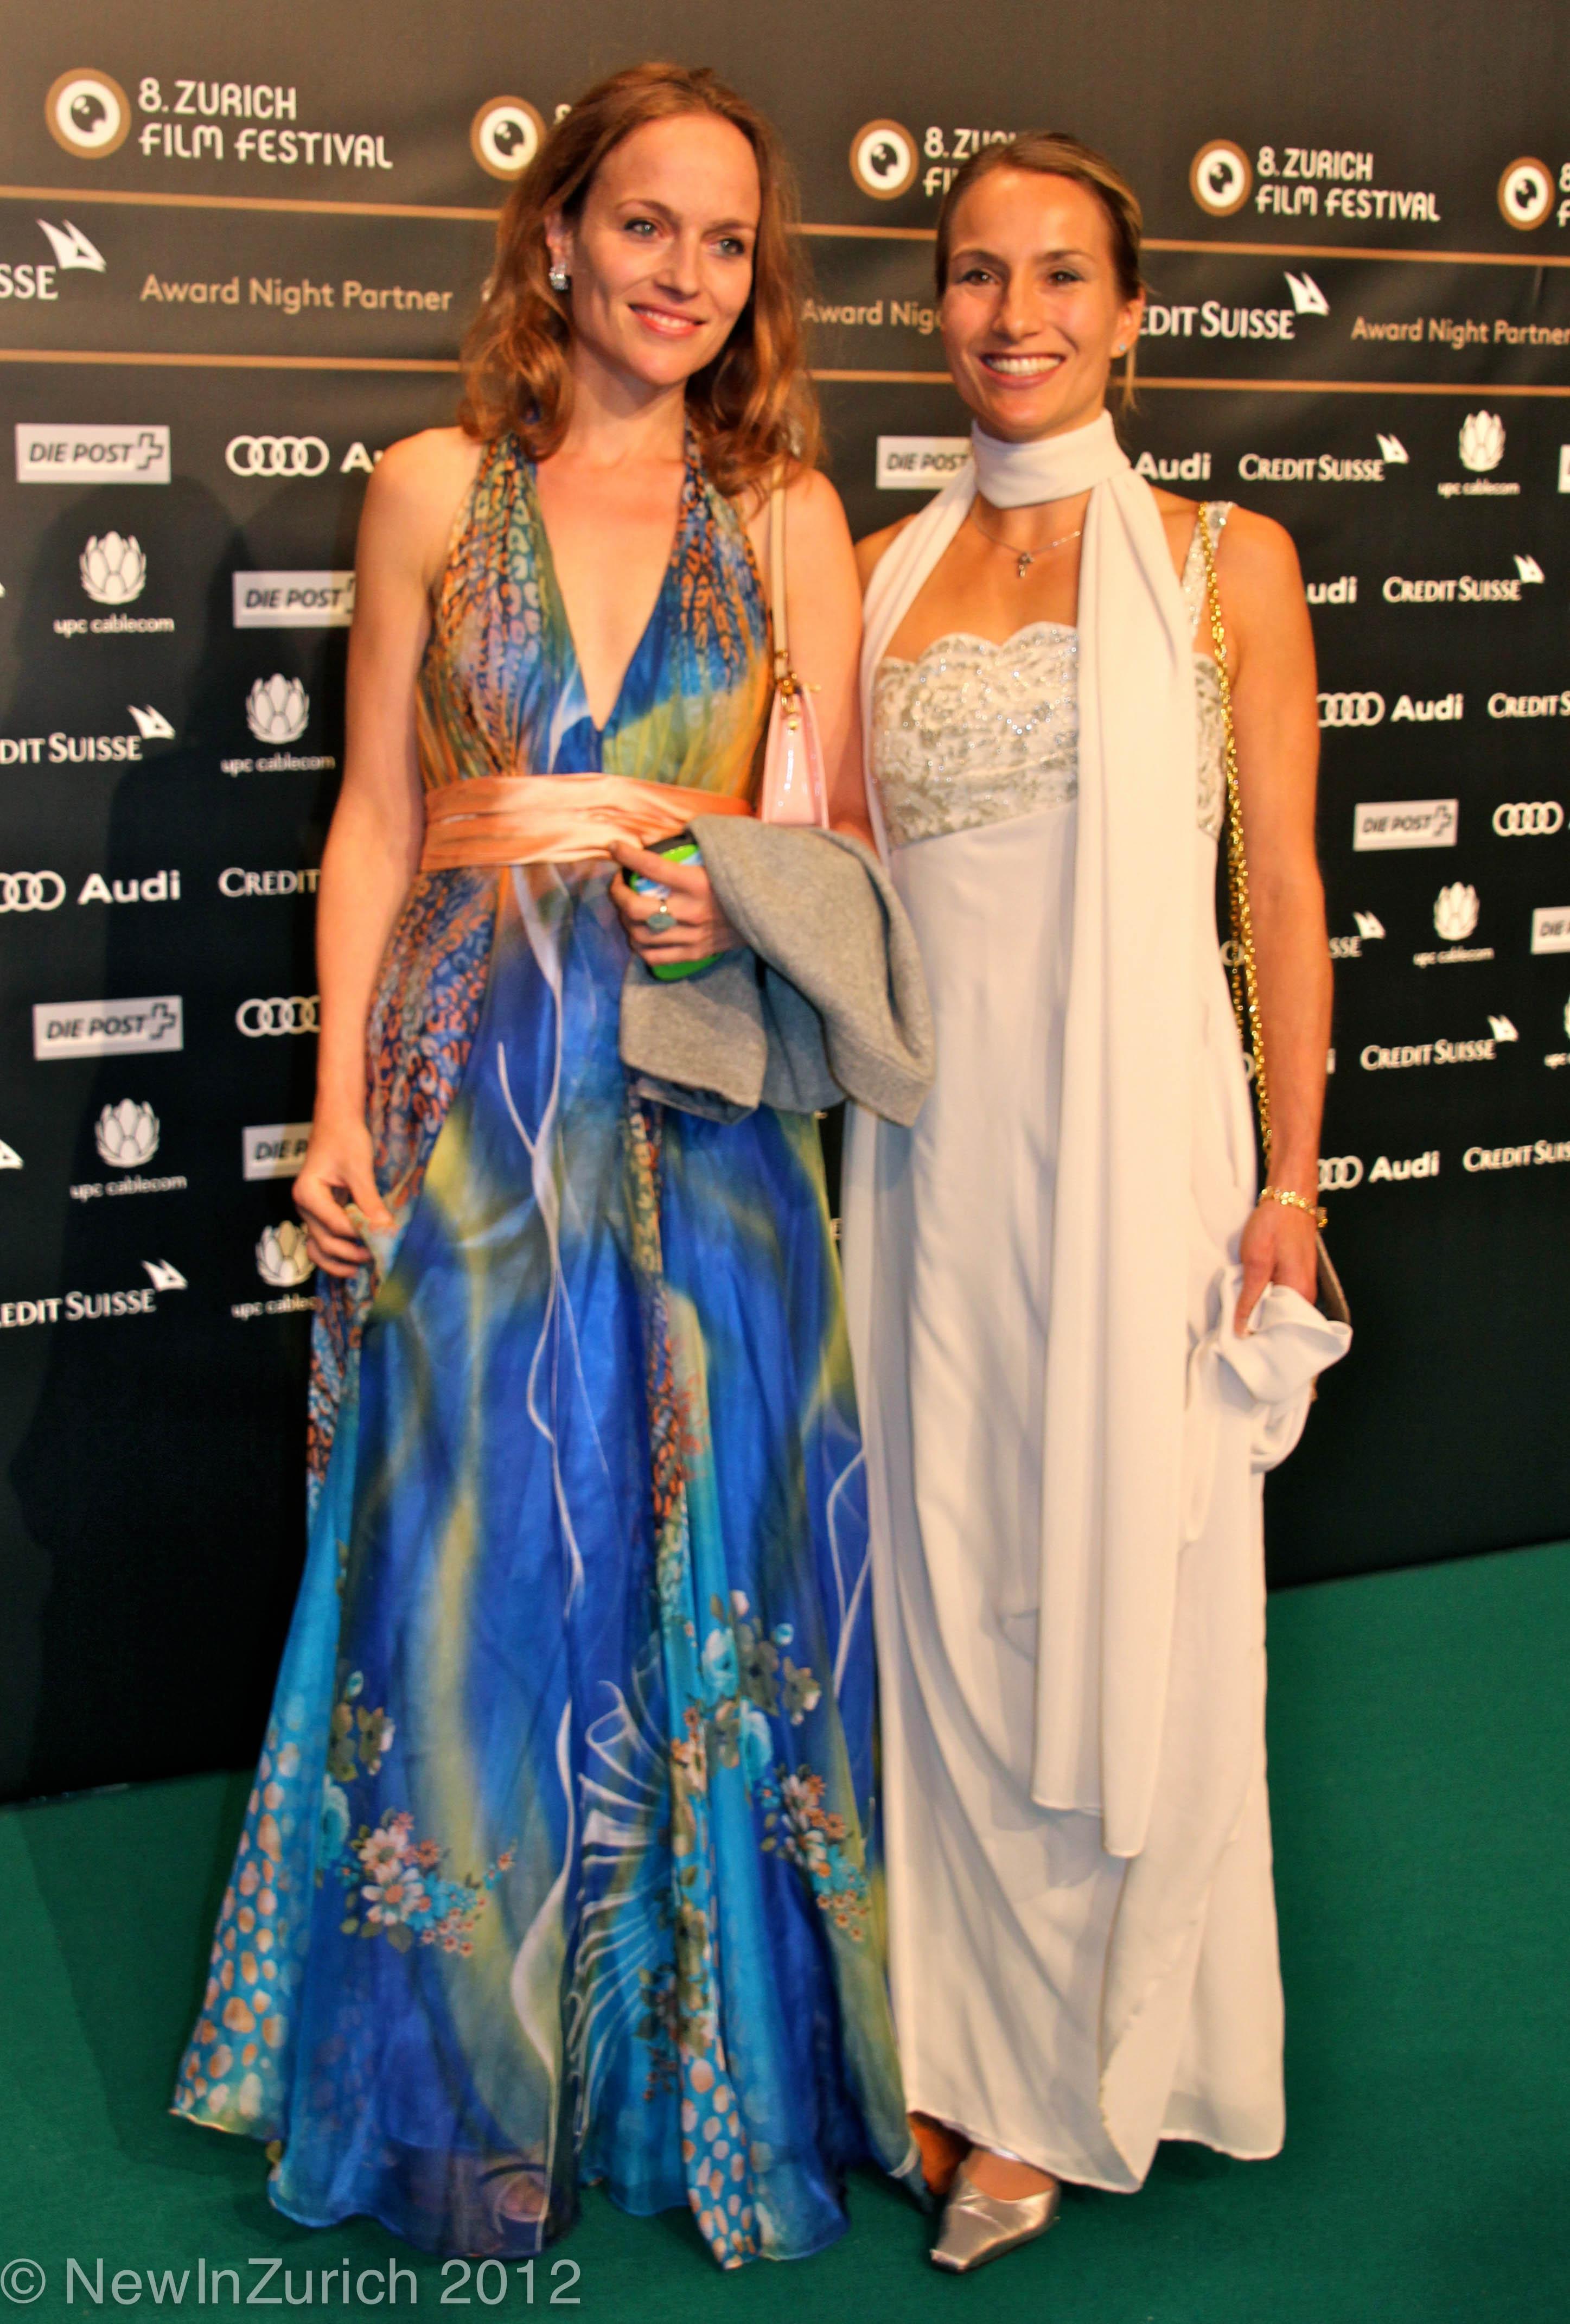 Jacqueline Schneider-Walcher, Zurich Film Festival 2012